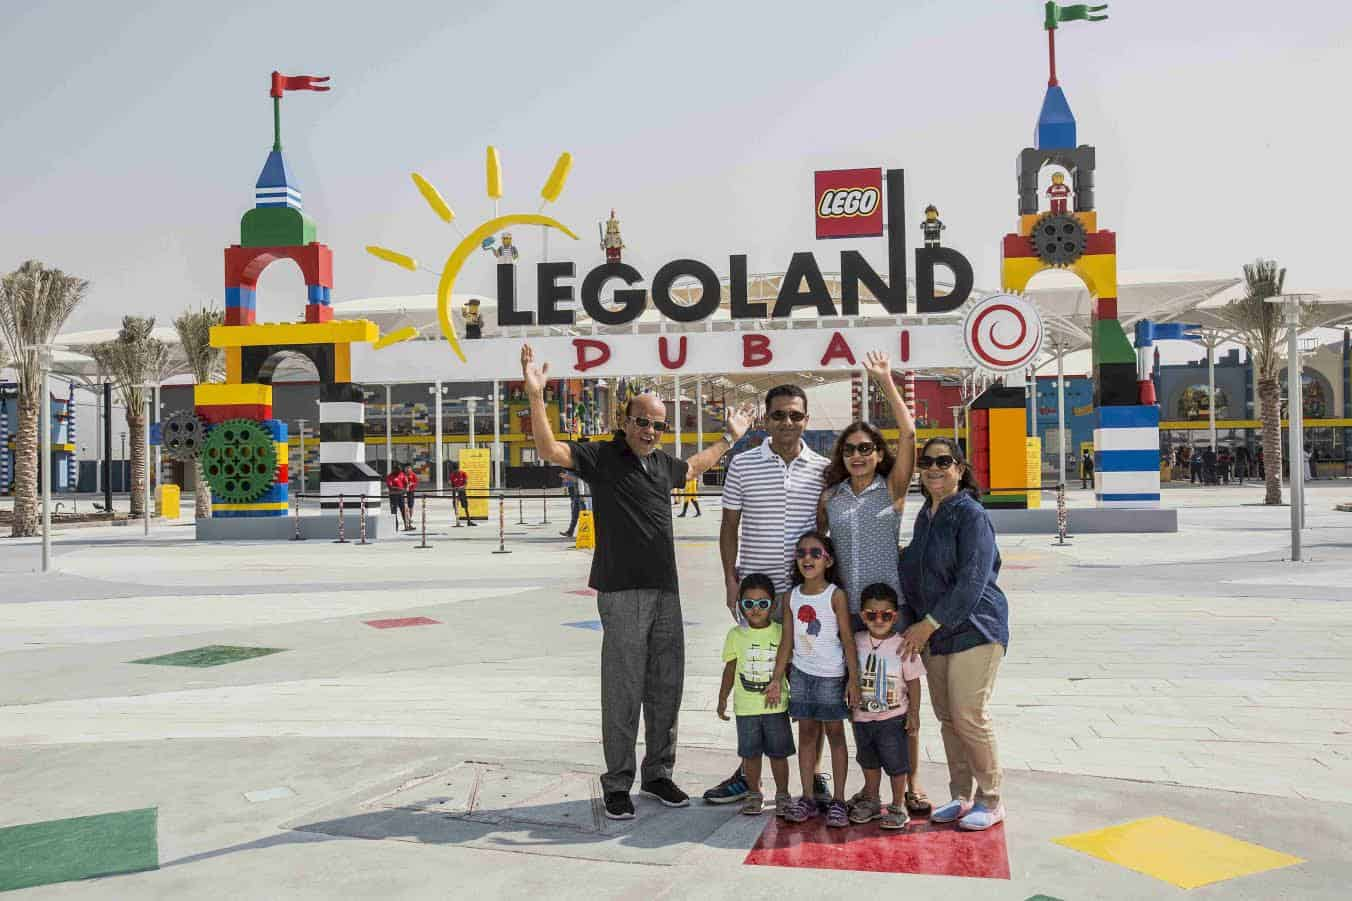 مدن الملاهي في دبي : ليغو لاند